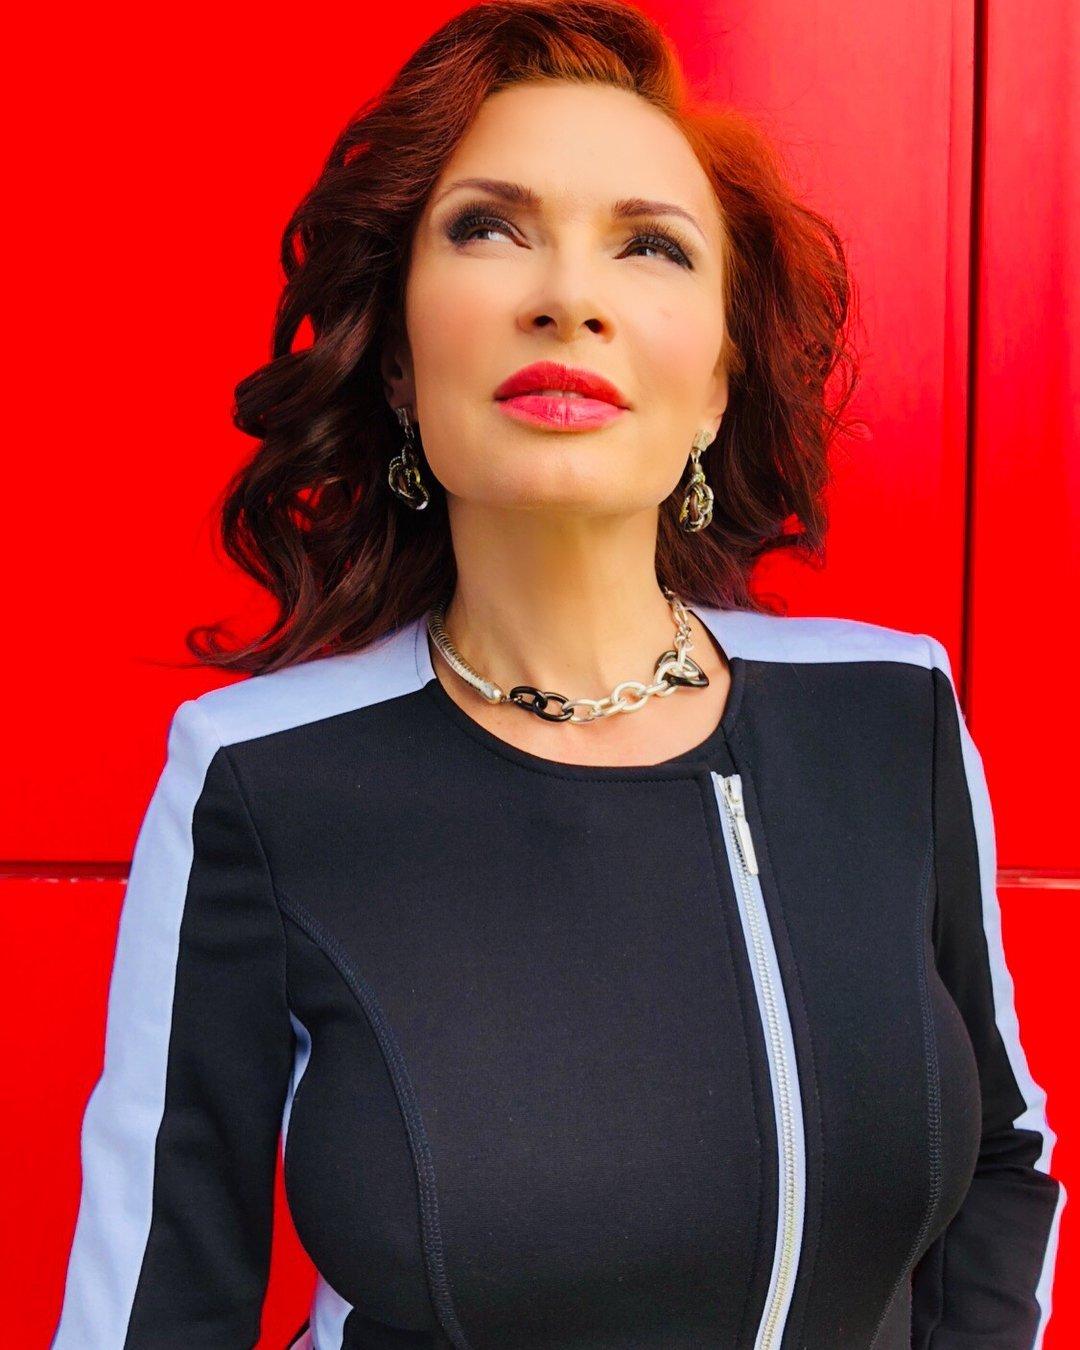 Эвелина Блёданс заявила, что ей хватит одной тысячи рублей в месяц